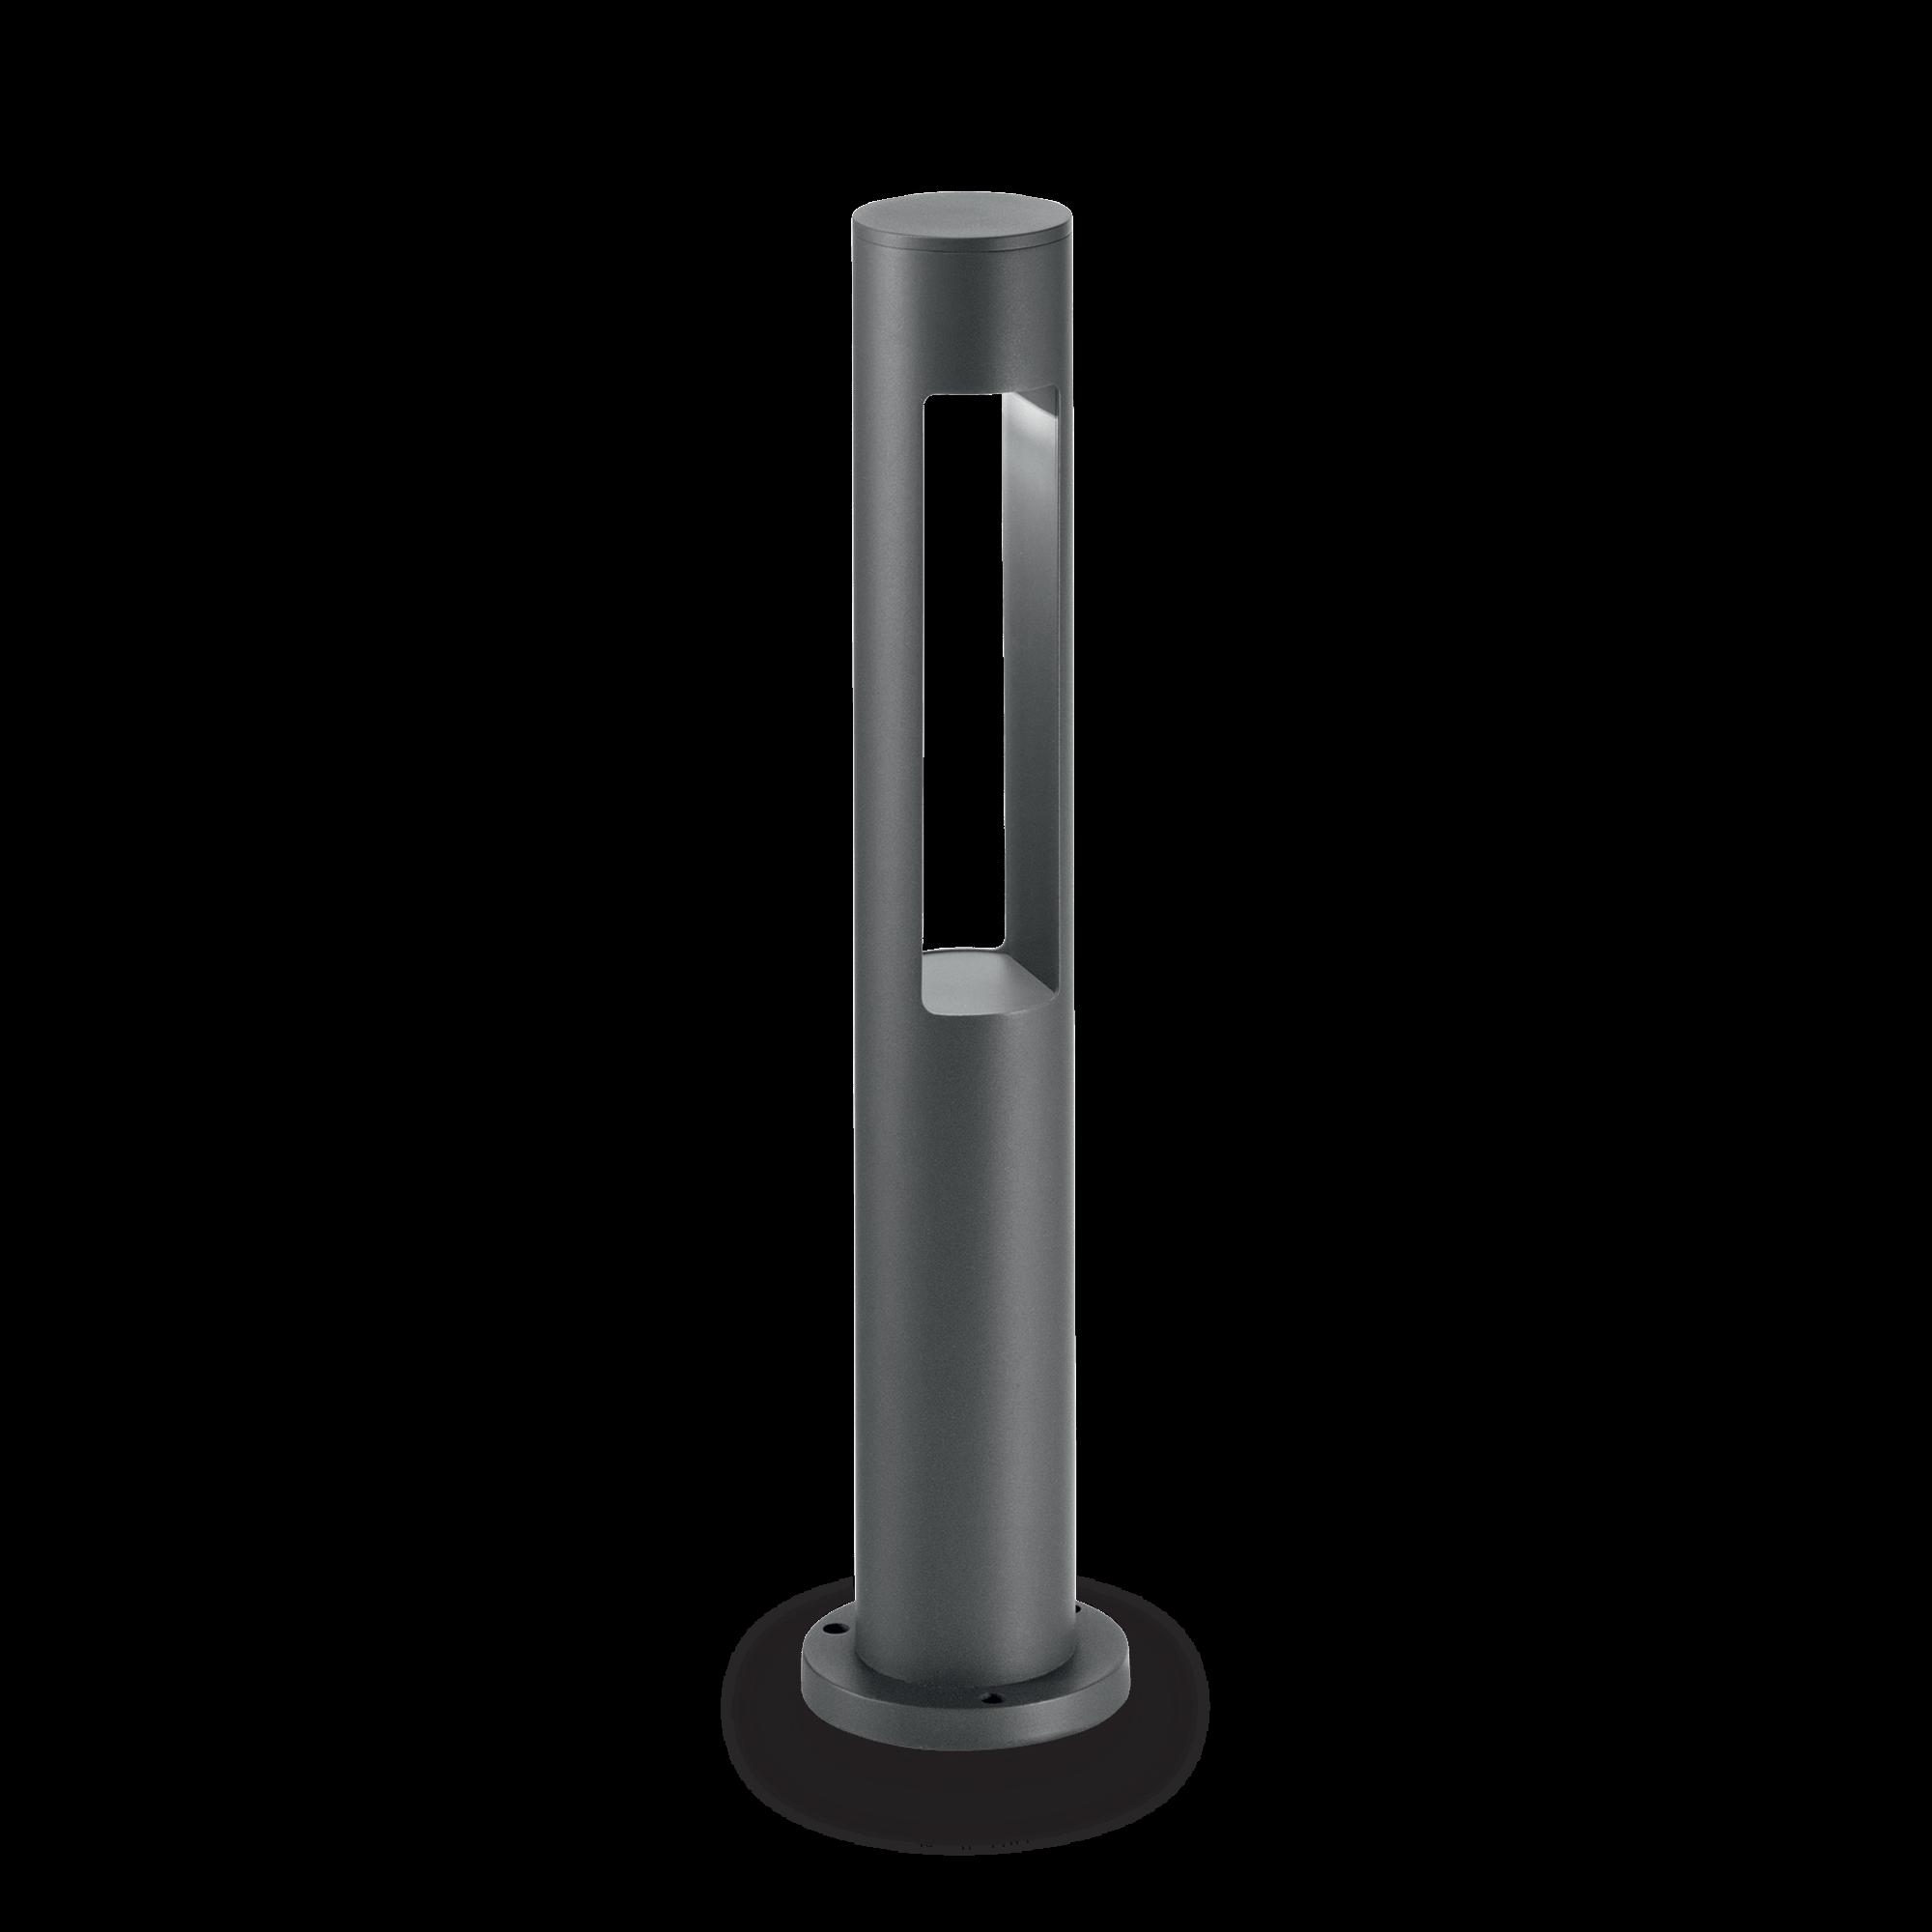 Ideal Lux 135205 ACQUA PT1 ANTRACITE kültéri állólámpa